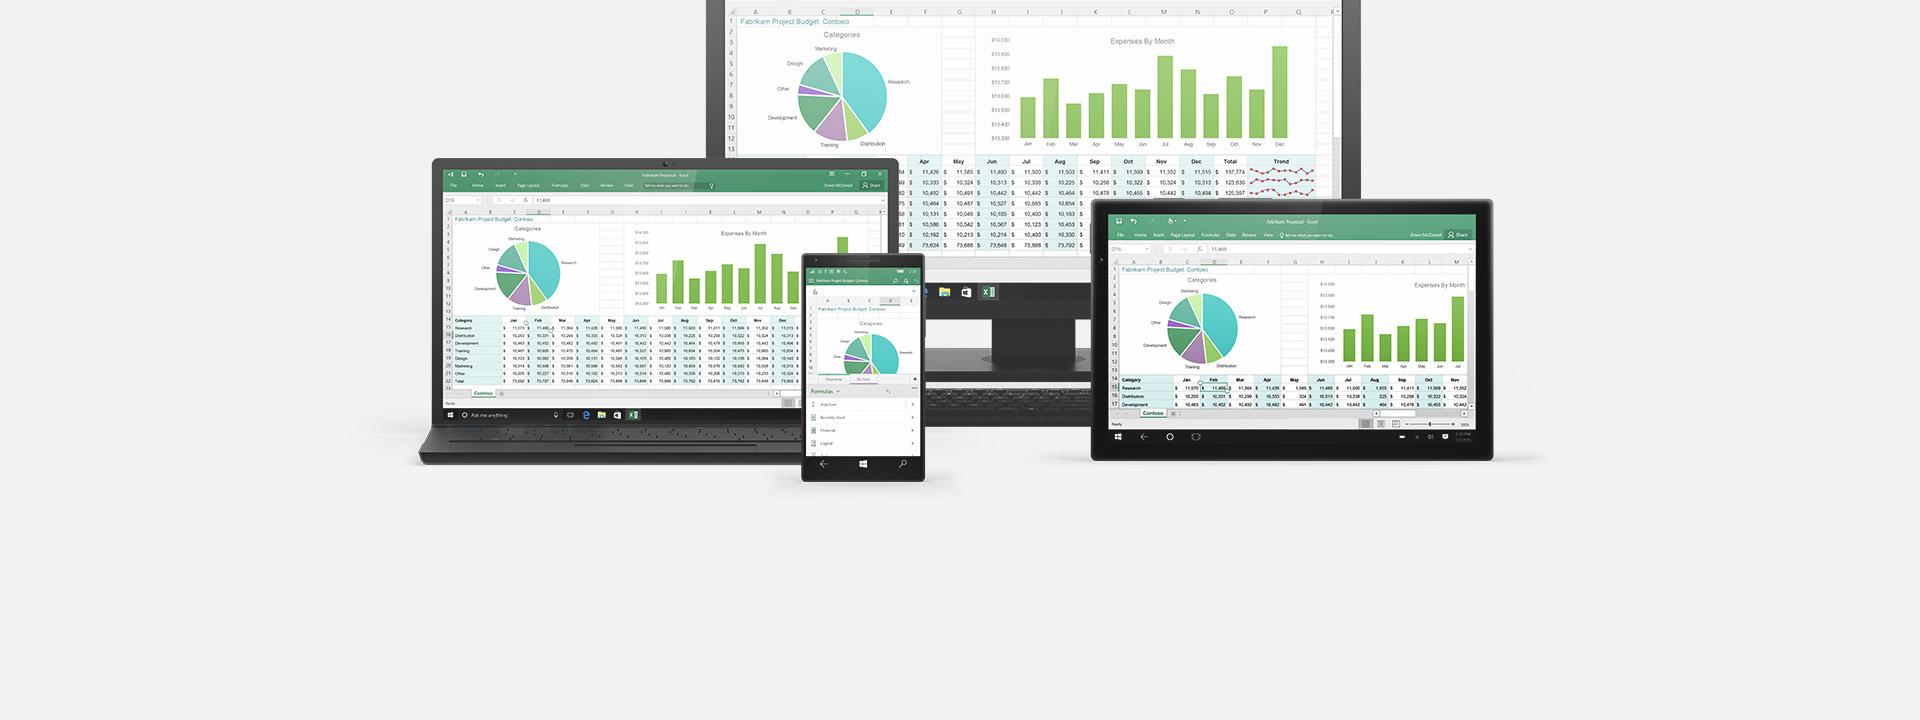 Informācija par programmatūru Office365 (vairākas ierīces)